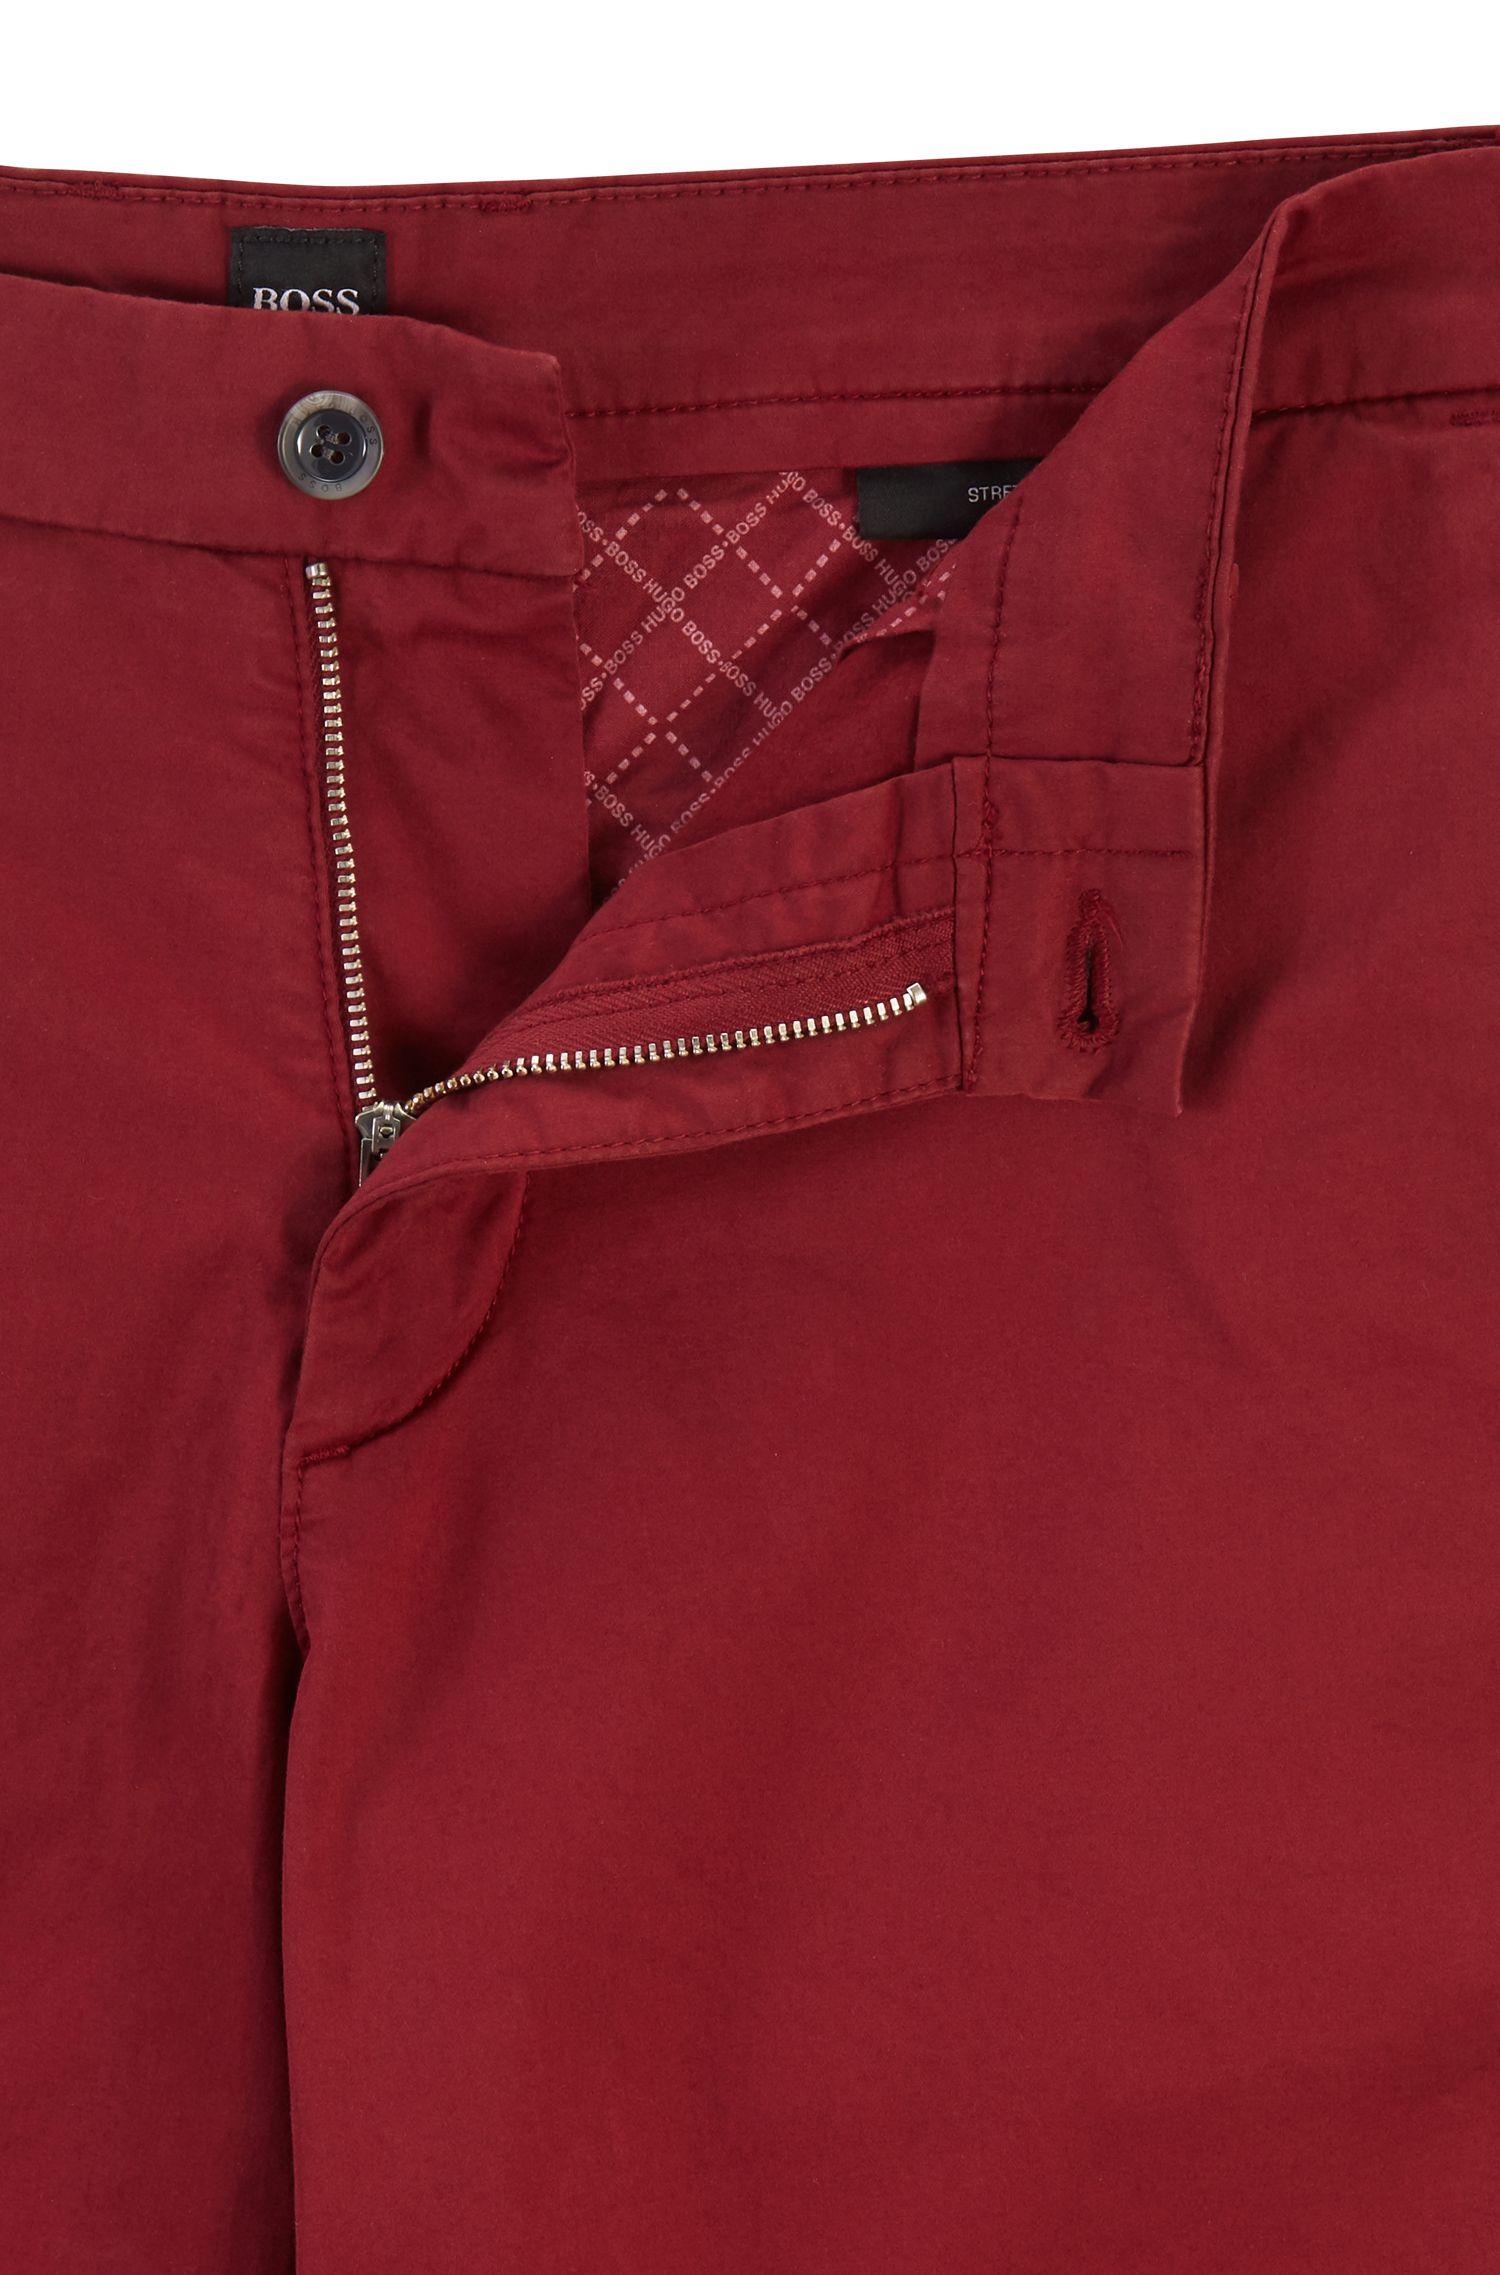 Shorts slim fit in cotone elasticizzato effetto satin, Rosso